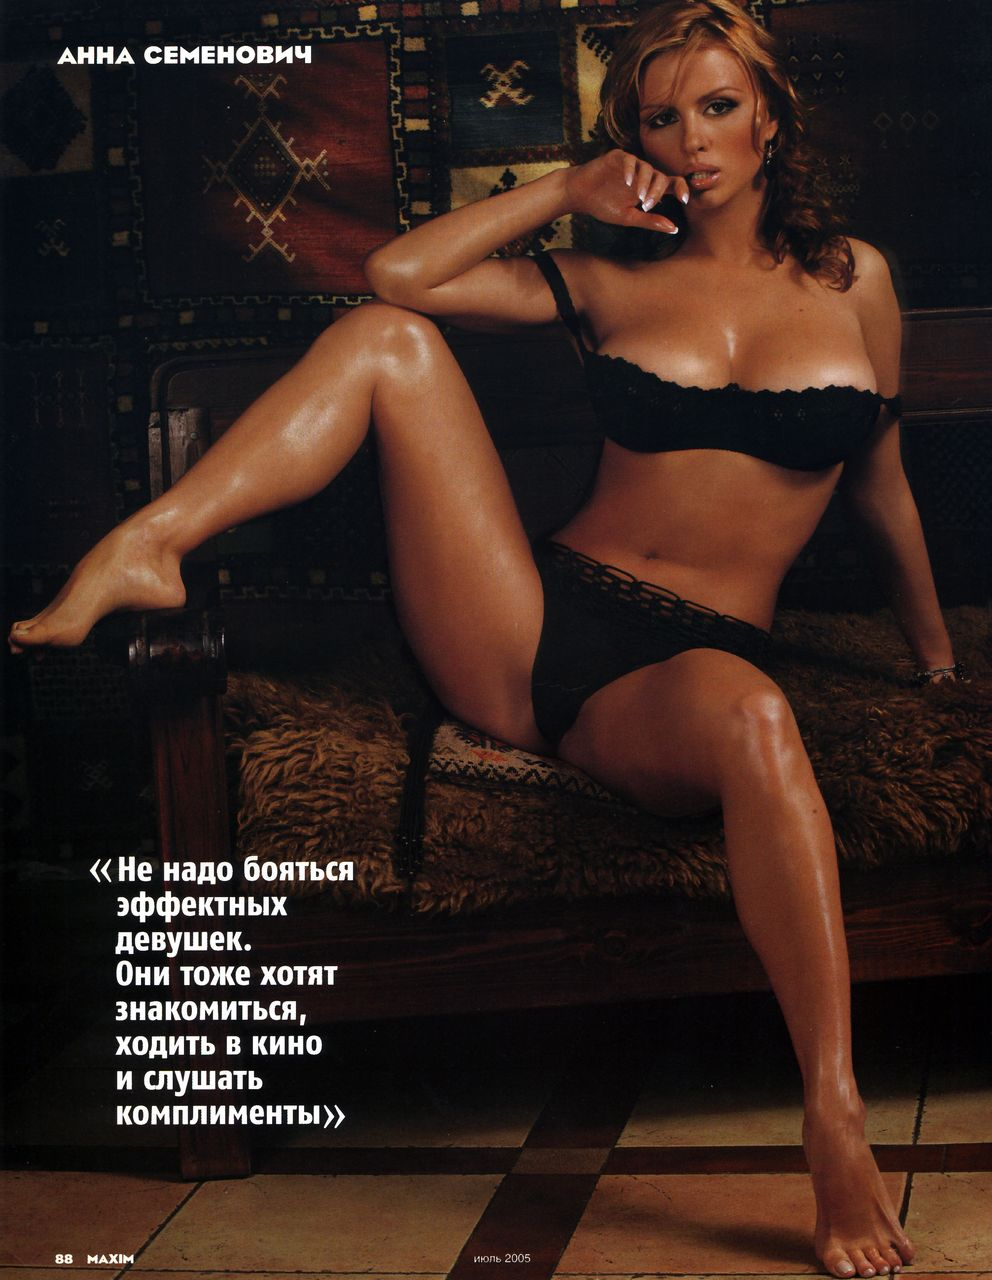 Семенович в обнаженном виде 11 фотография